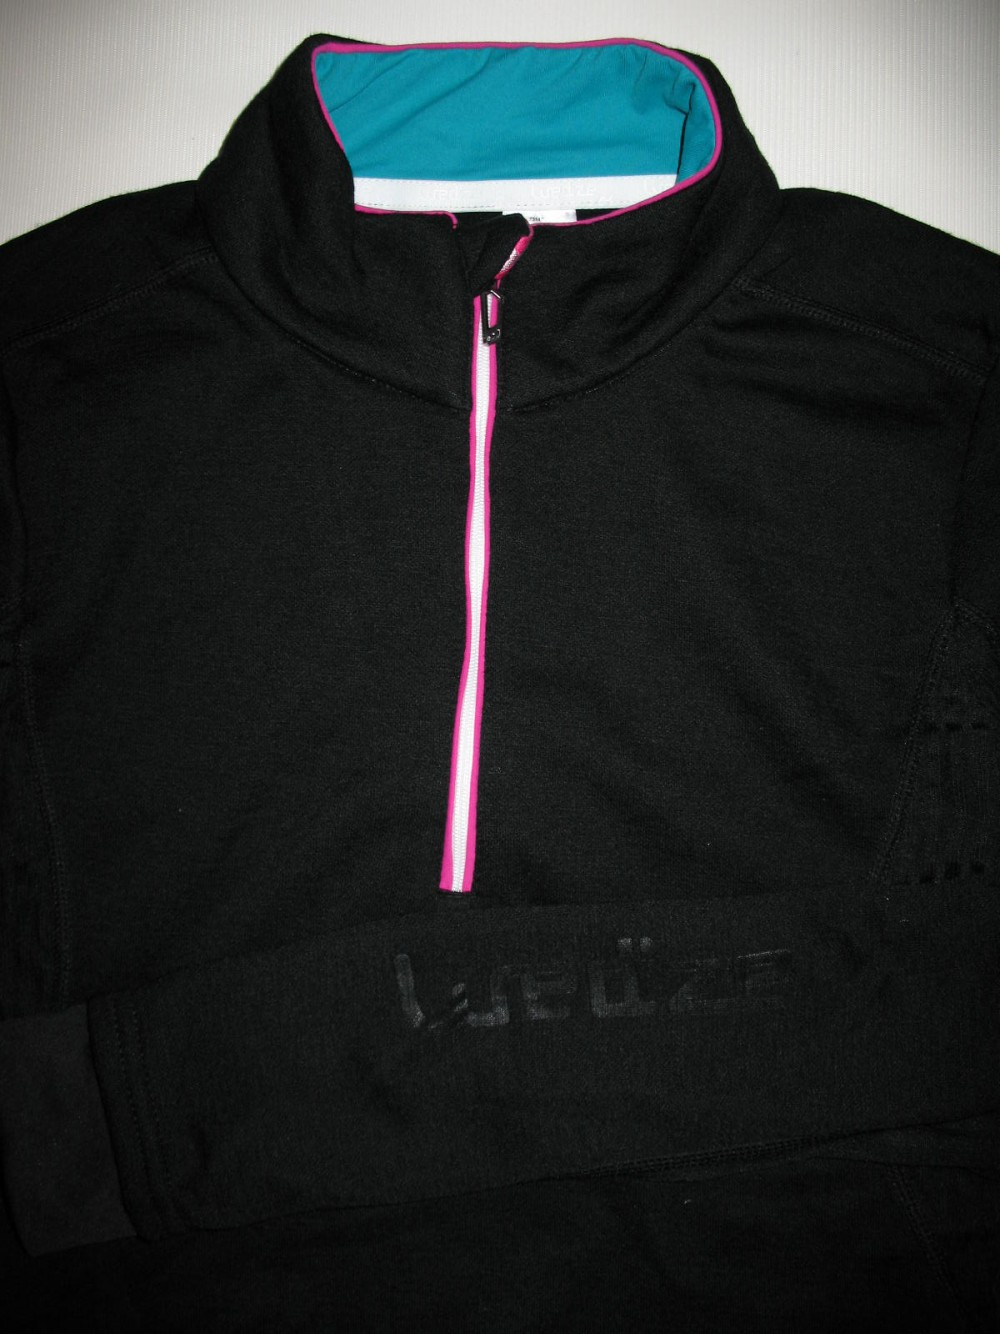 Кофта WEDZE xwarm jersey lady (размер S/М) - 2